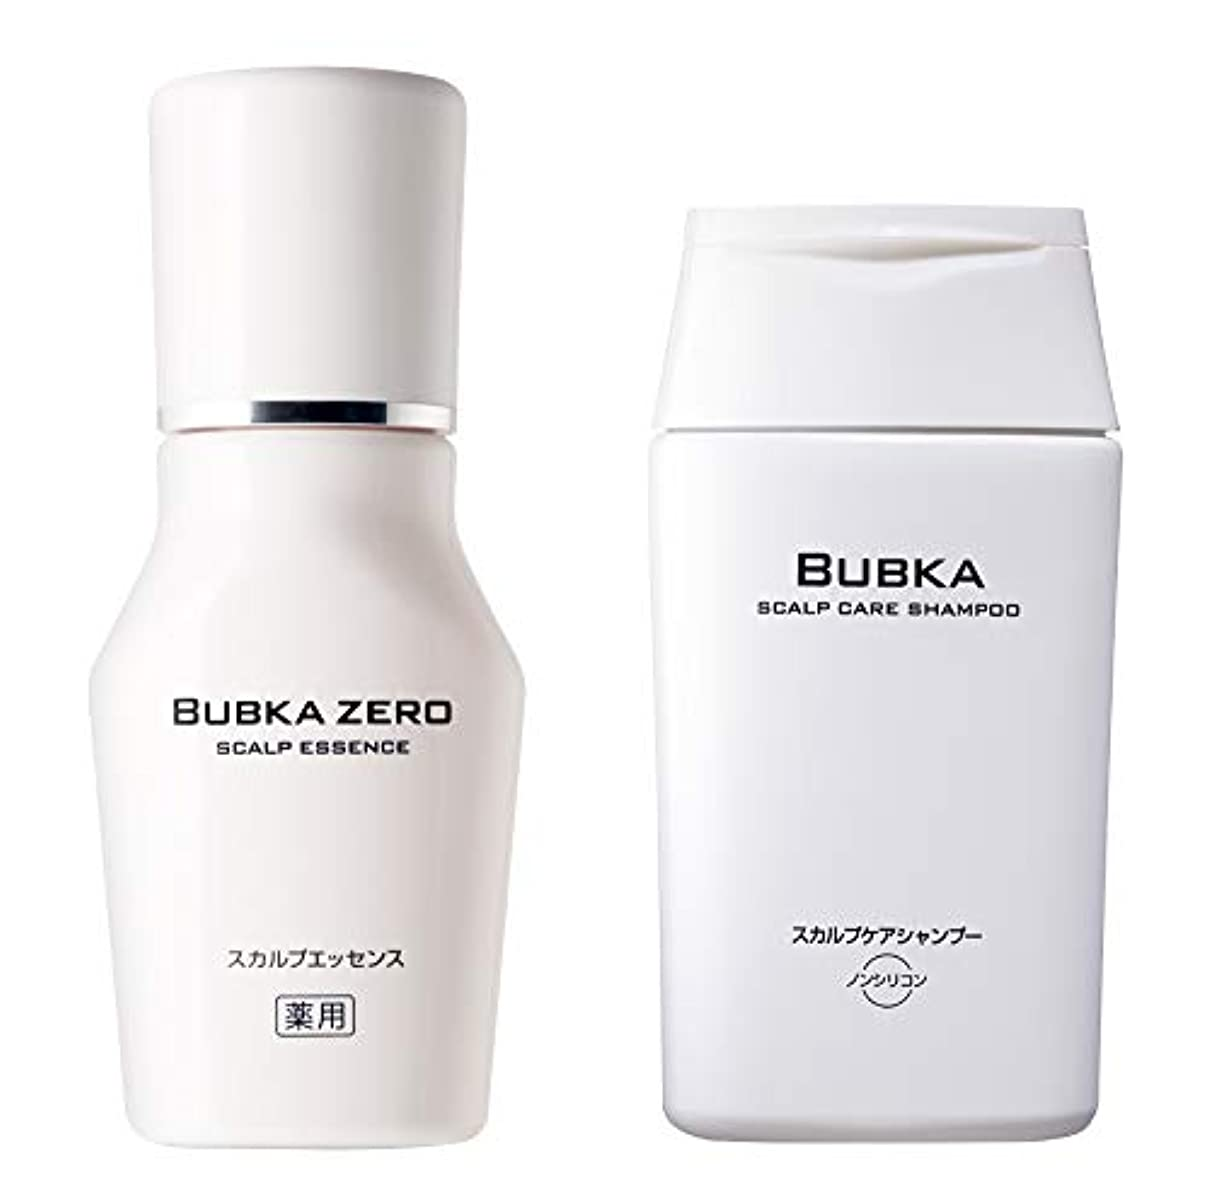 統治する理想的には価格【医薬部外品】BUBKA(ブブカ)薬用 スカルプエッセンス 育毛剤 BUBKA ZERO+BUBKAスカルプケアシャンプー おすすめセット